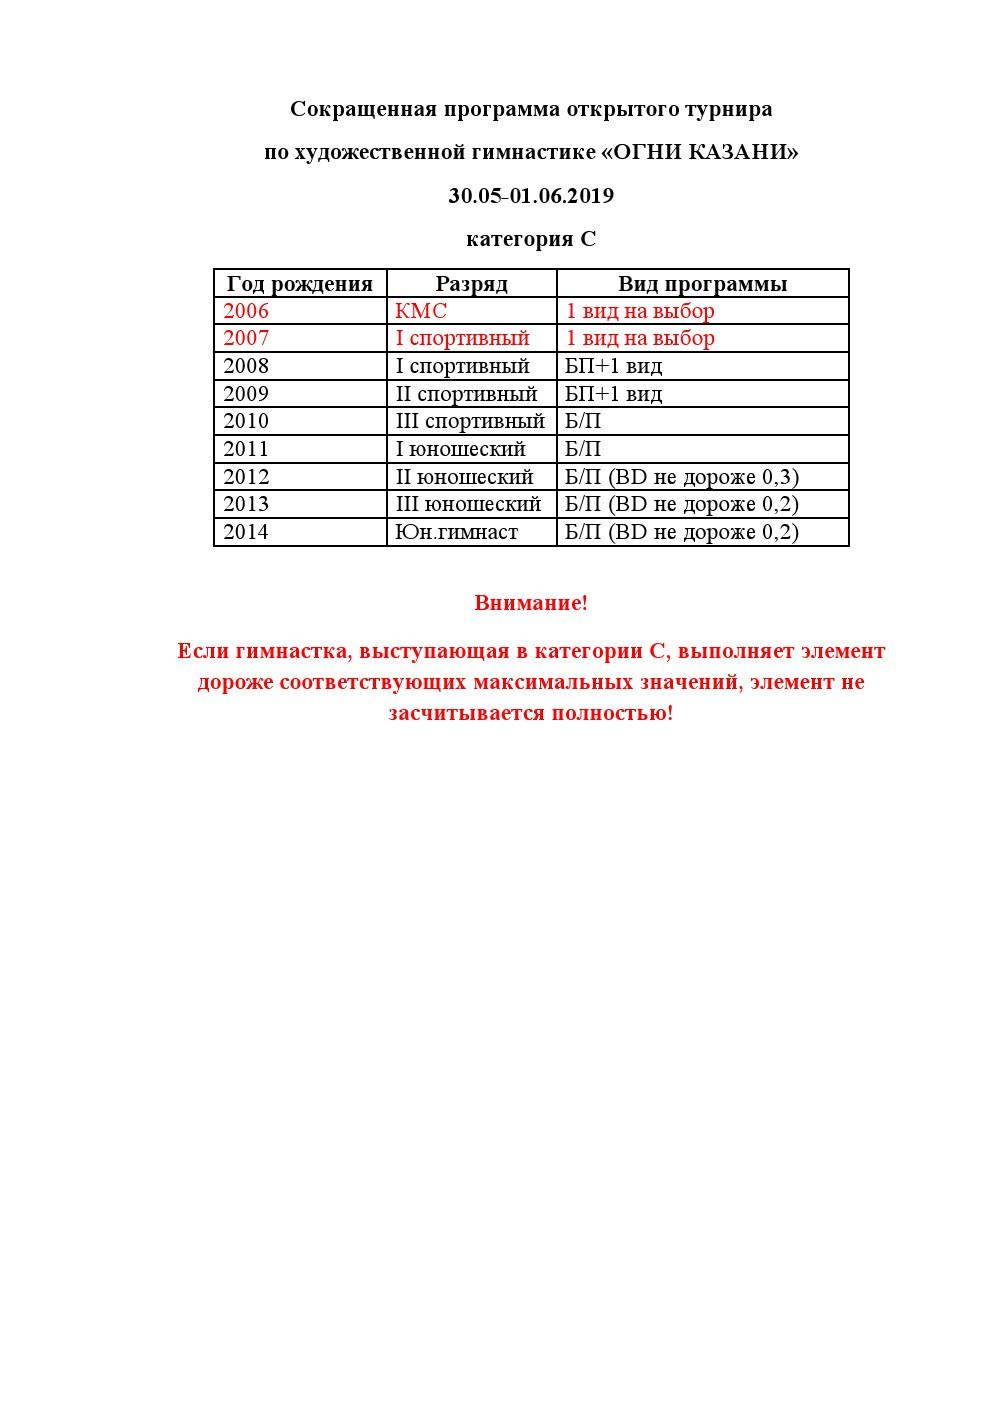 классификационная программа категории б по спортивной гимнастике